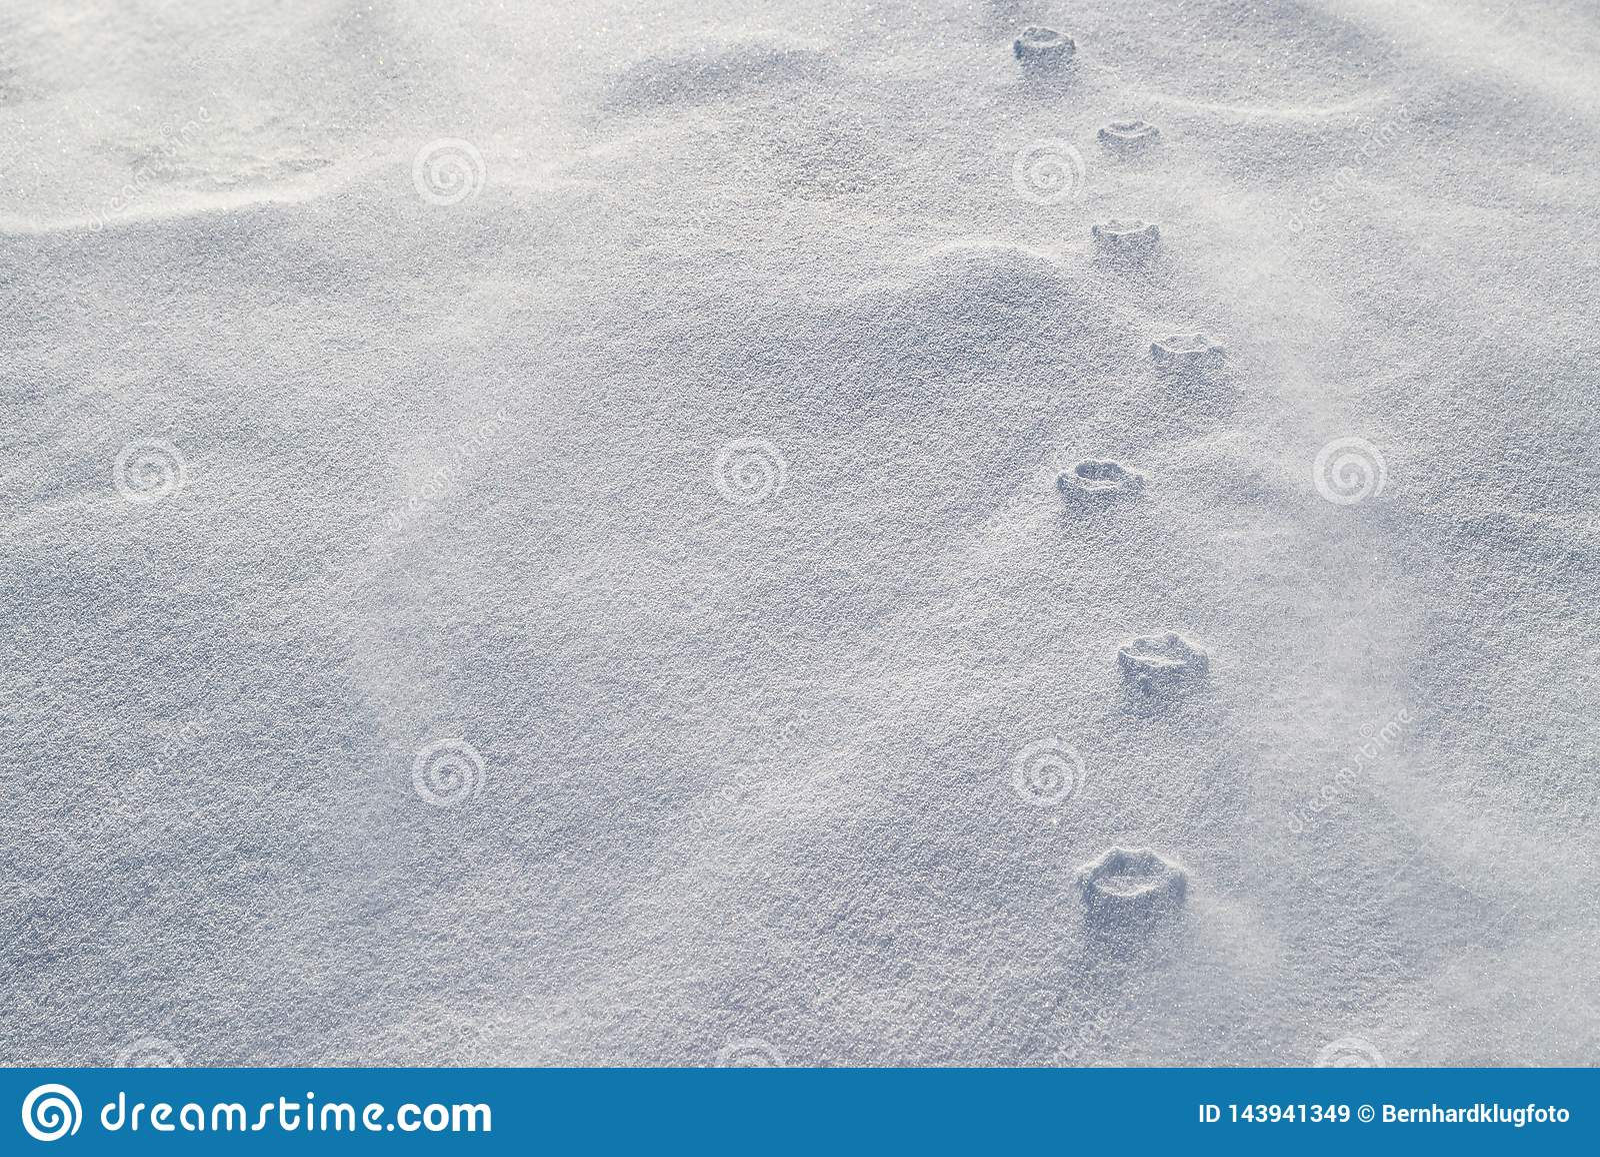 Sollievo Haute delle stampe della zampa in neve di salto I forti venti hanno eroso la neve sciolta intorno alle stampe compresse